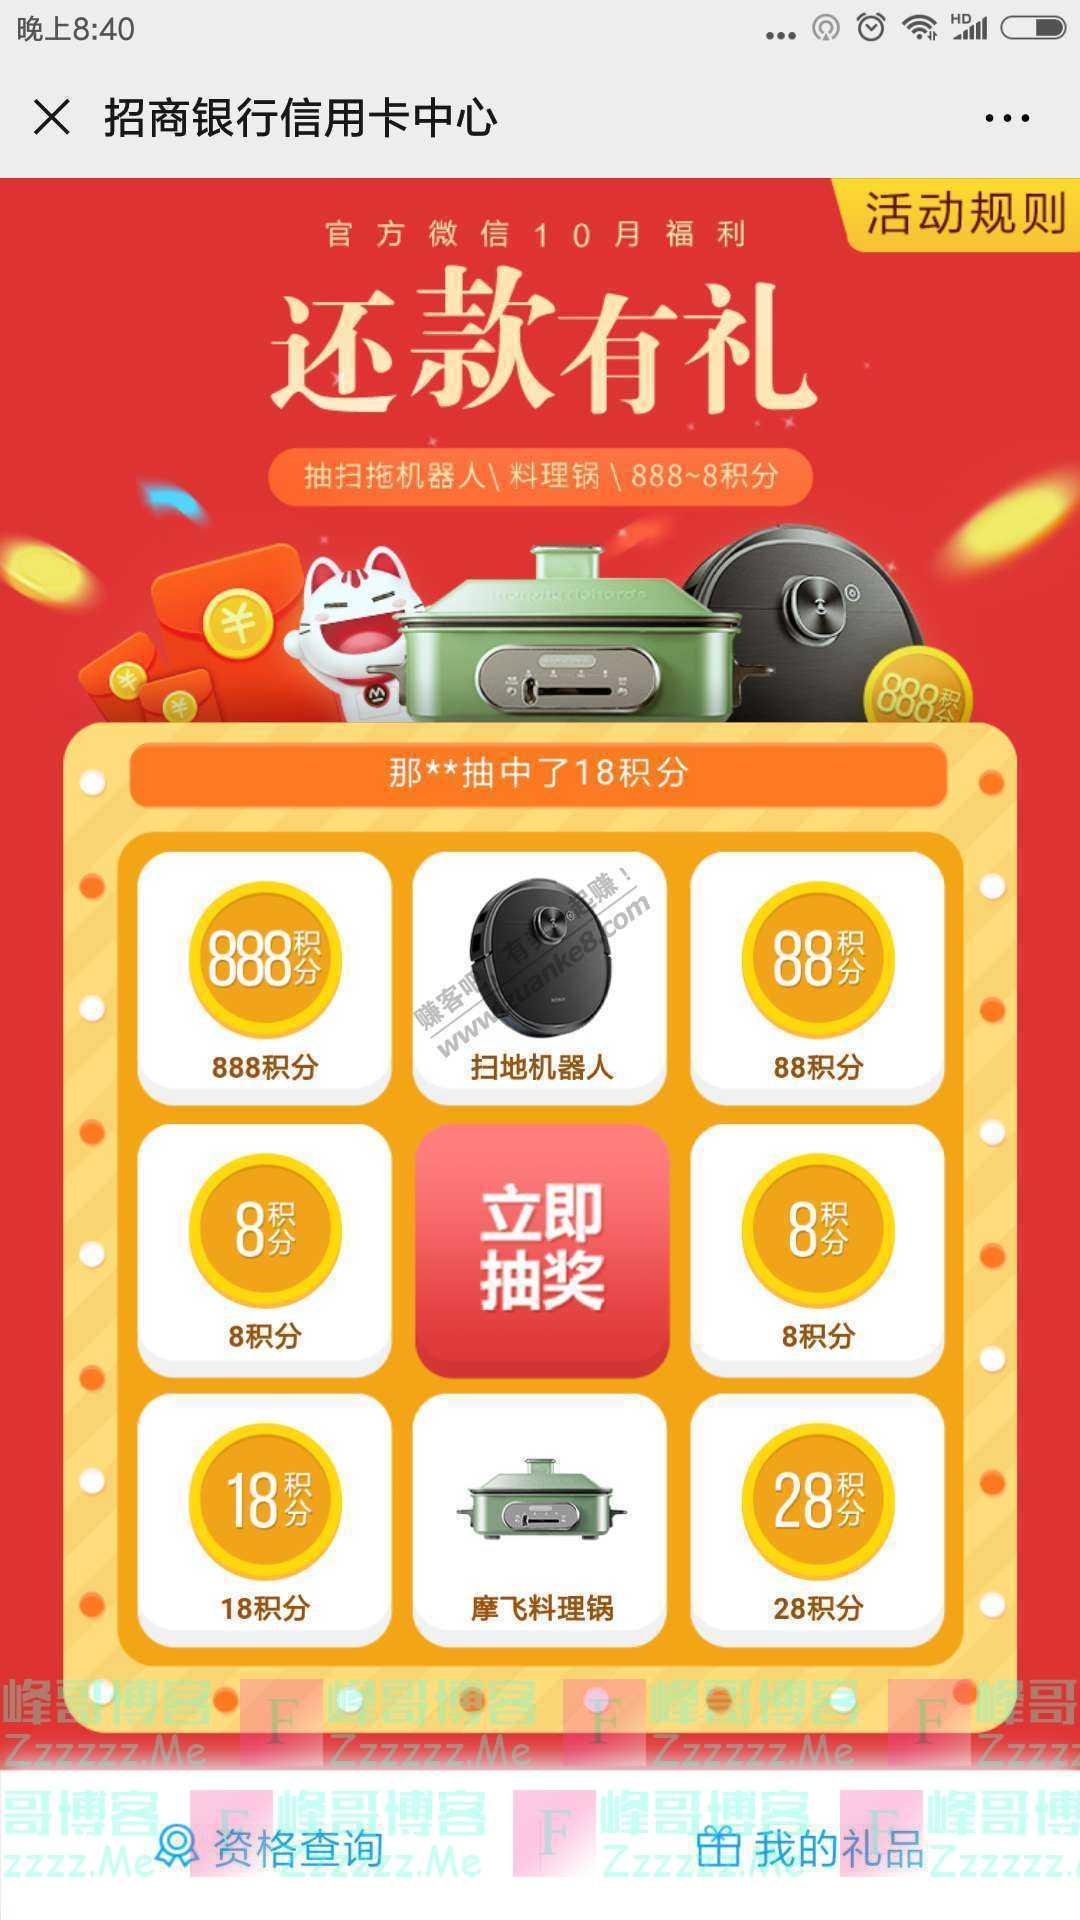 招商银行xing/用卡还款有礼(截止10月31日)